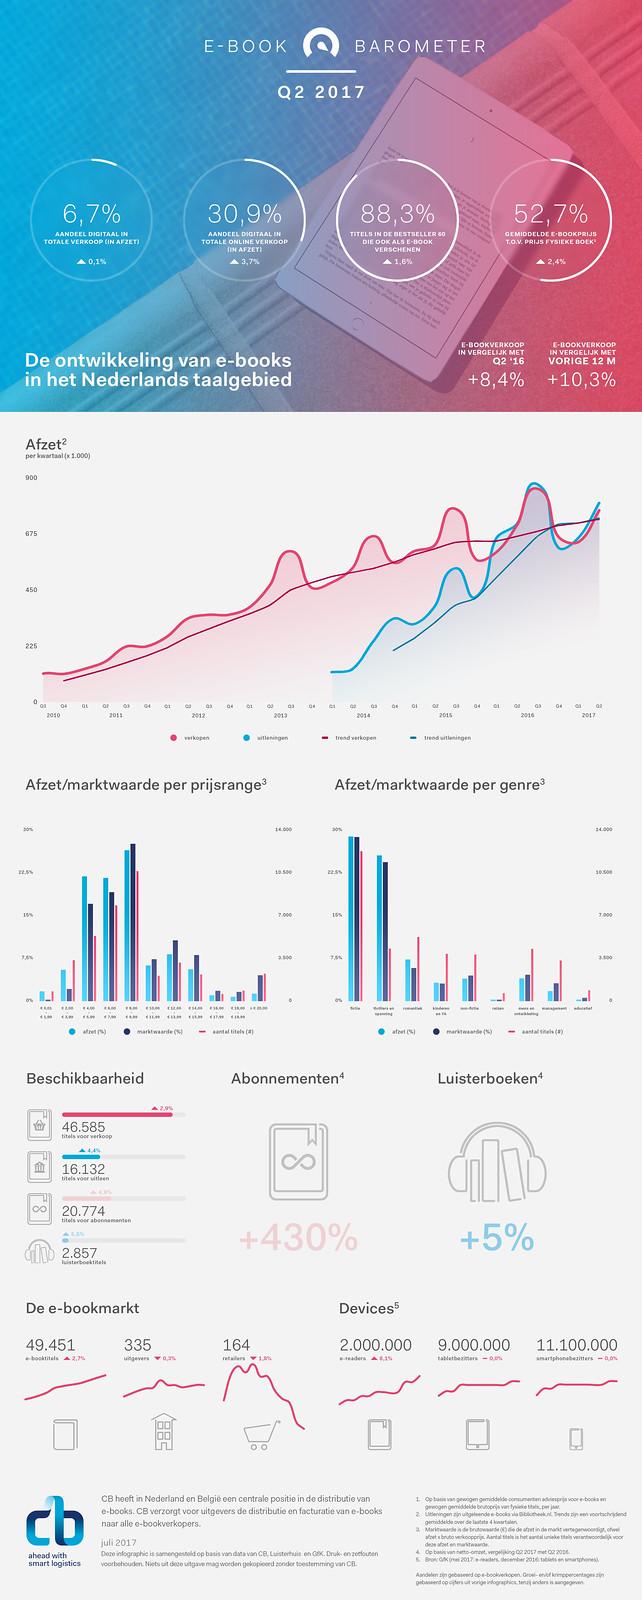 E-bookbarometer-2017-Q2-NL